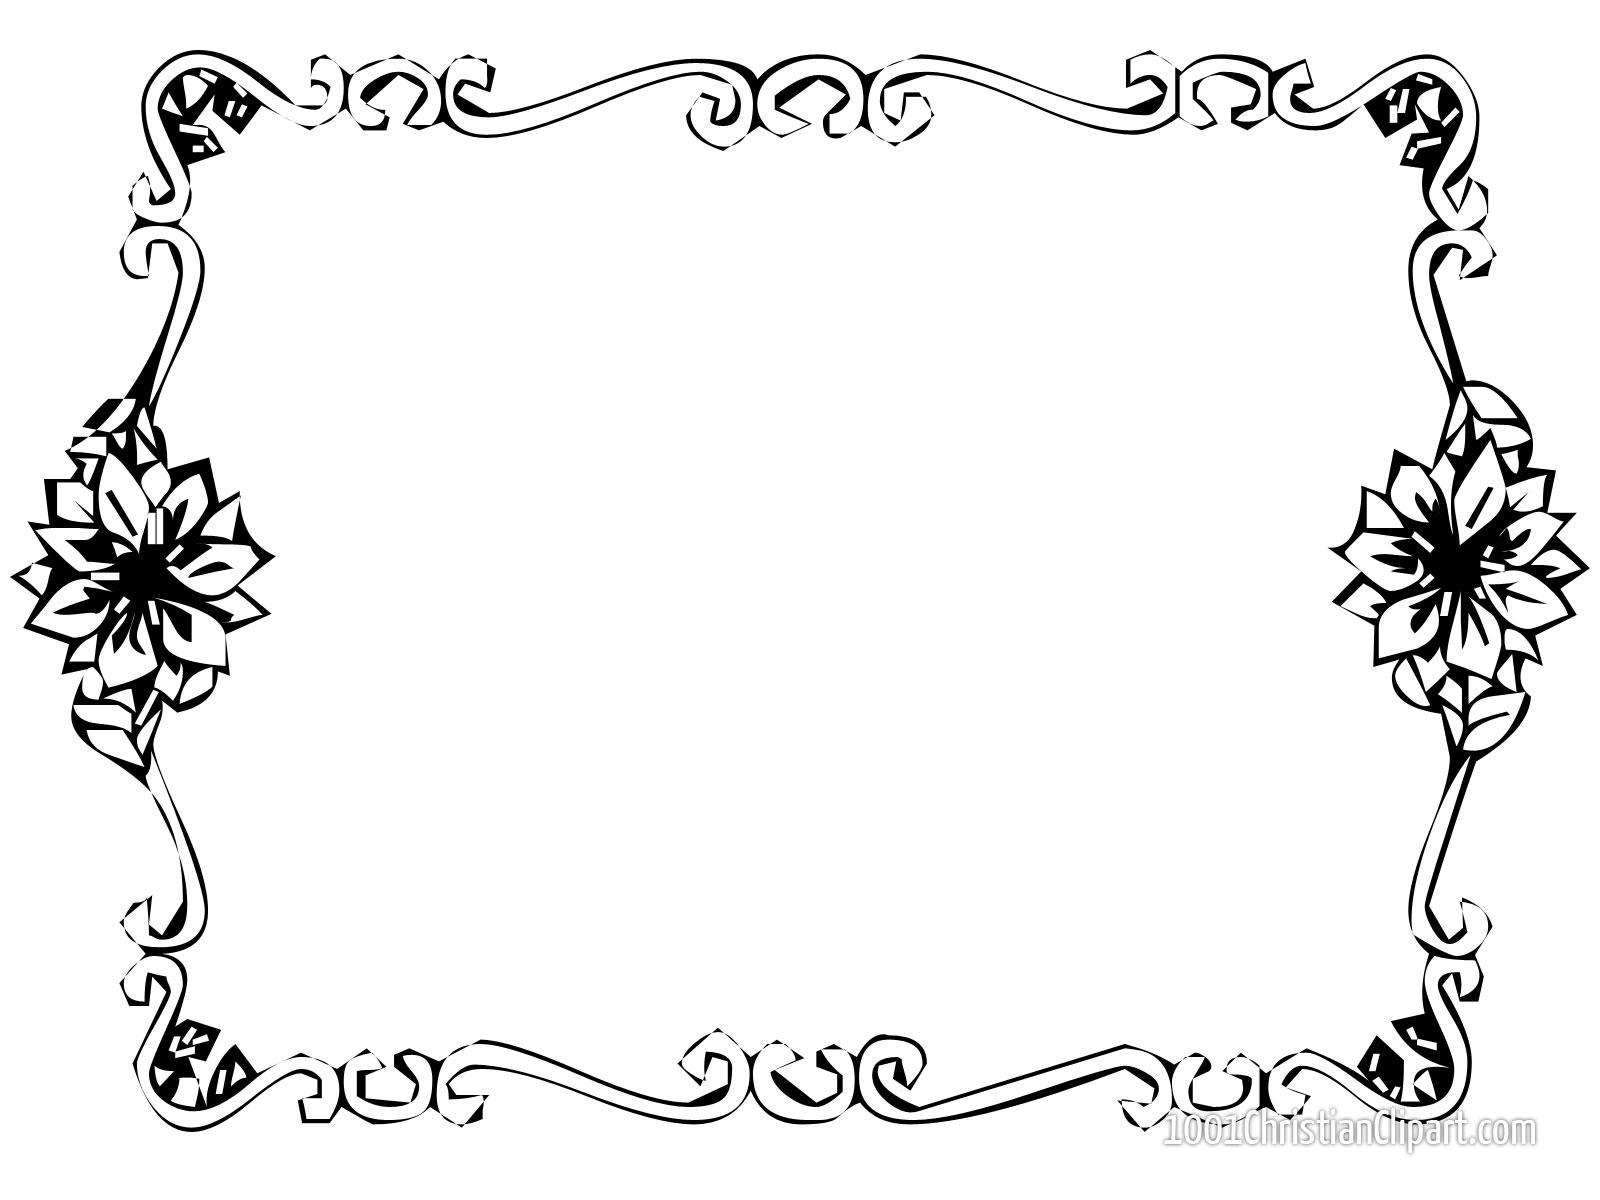 clip art borders-clip art borders-3